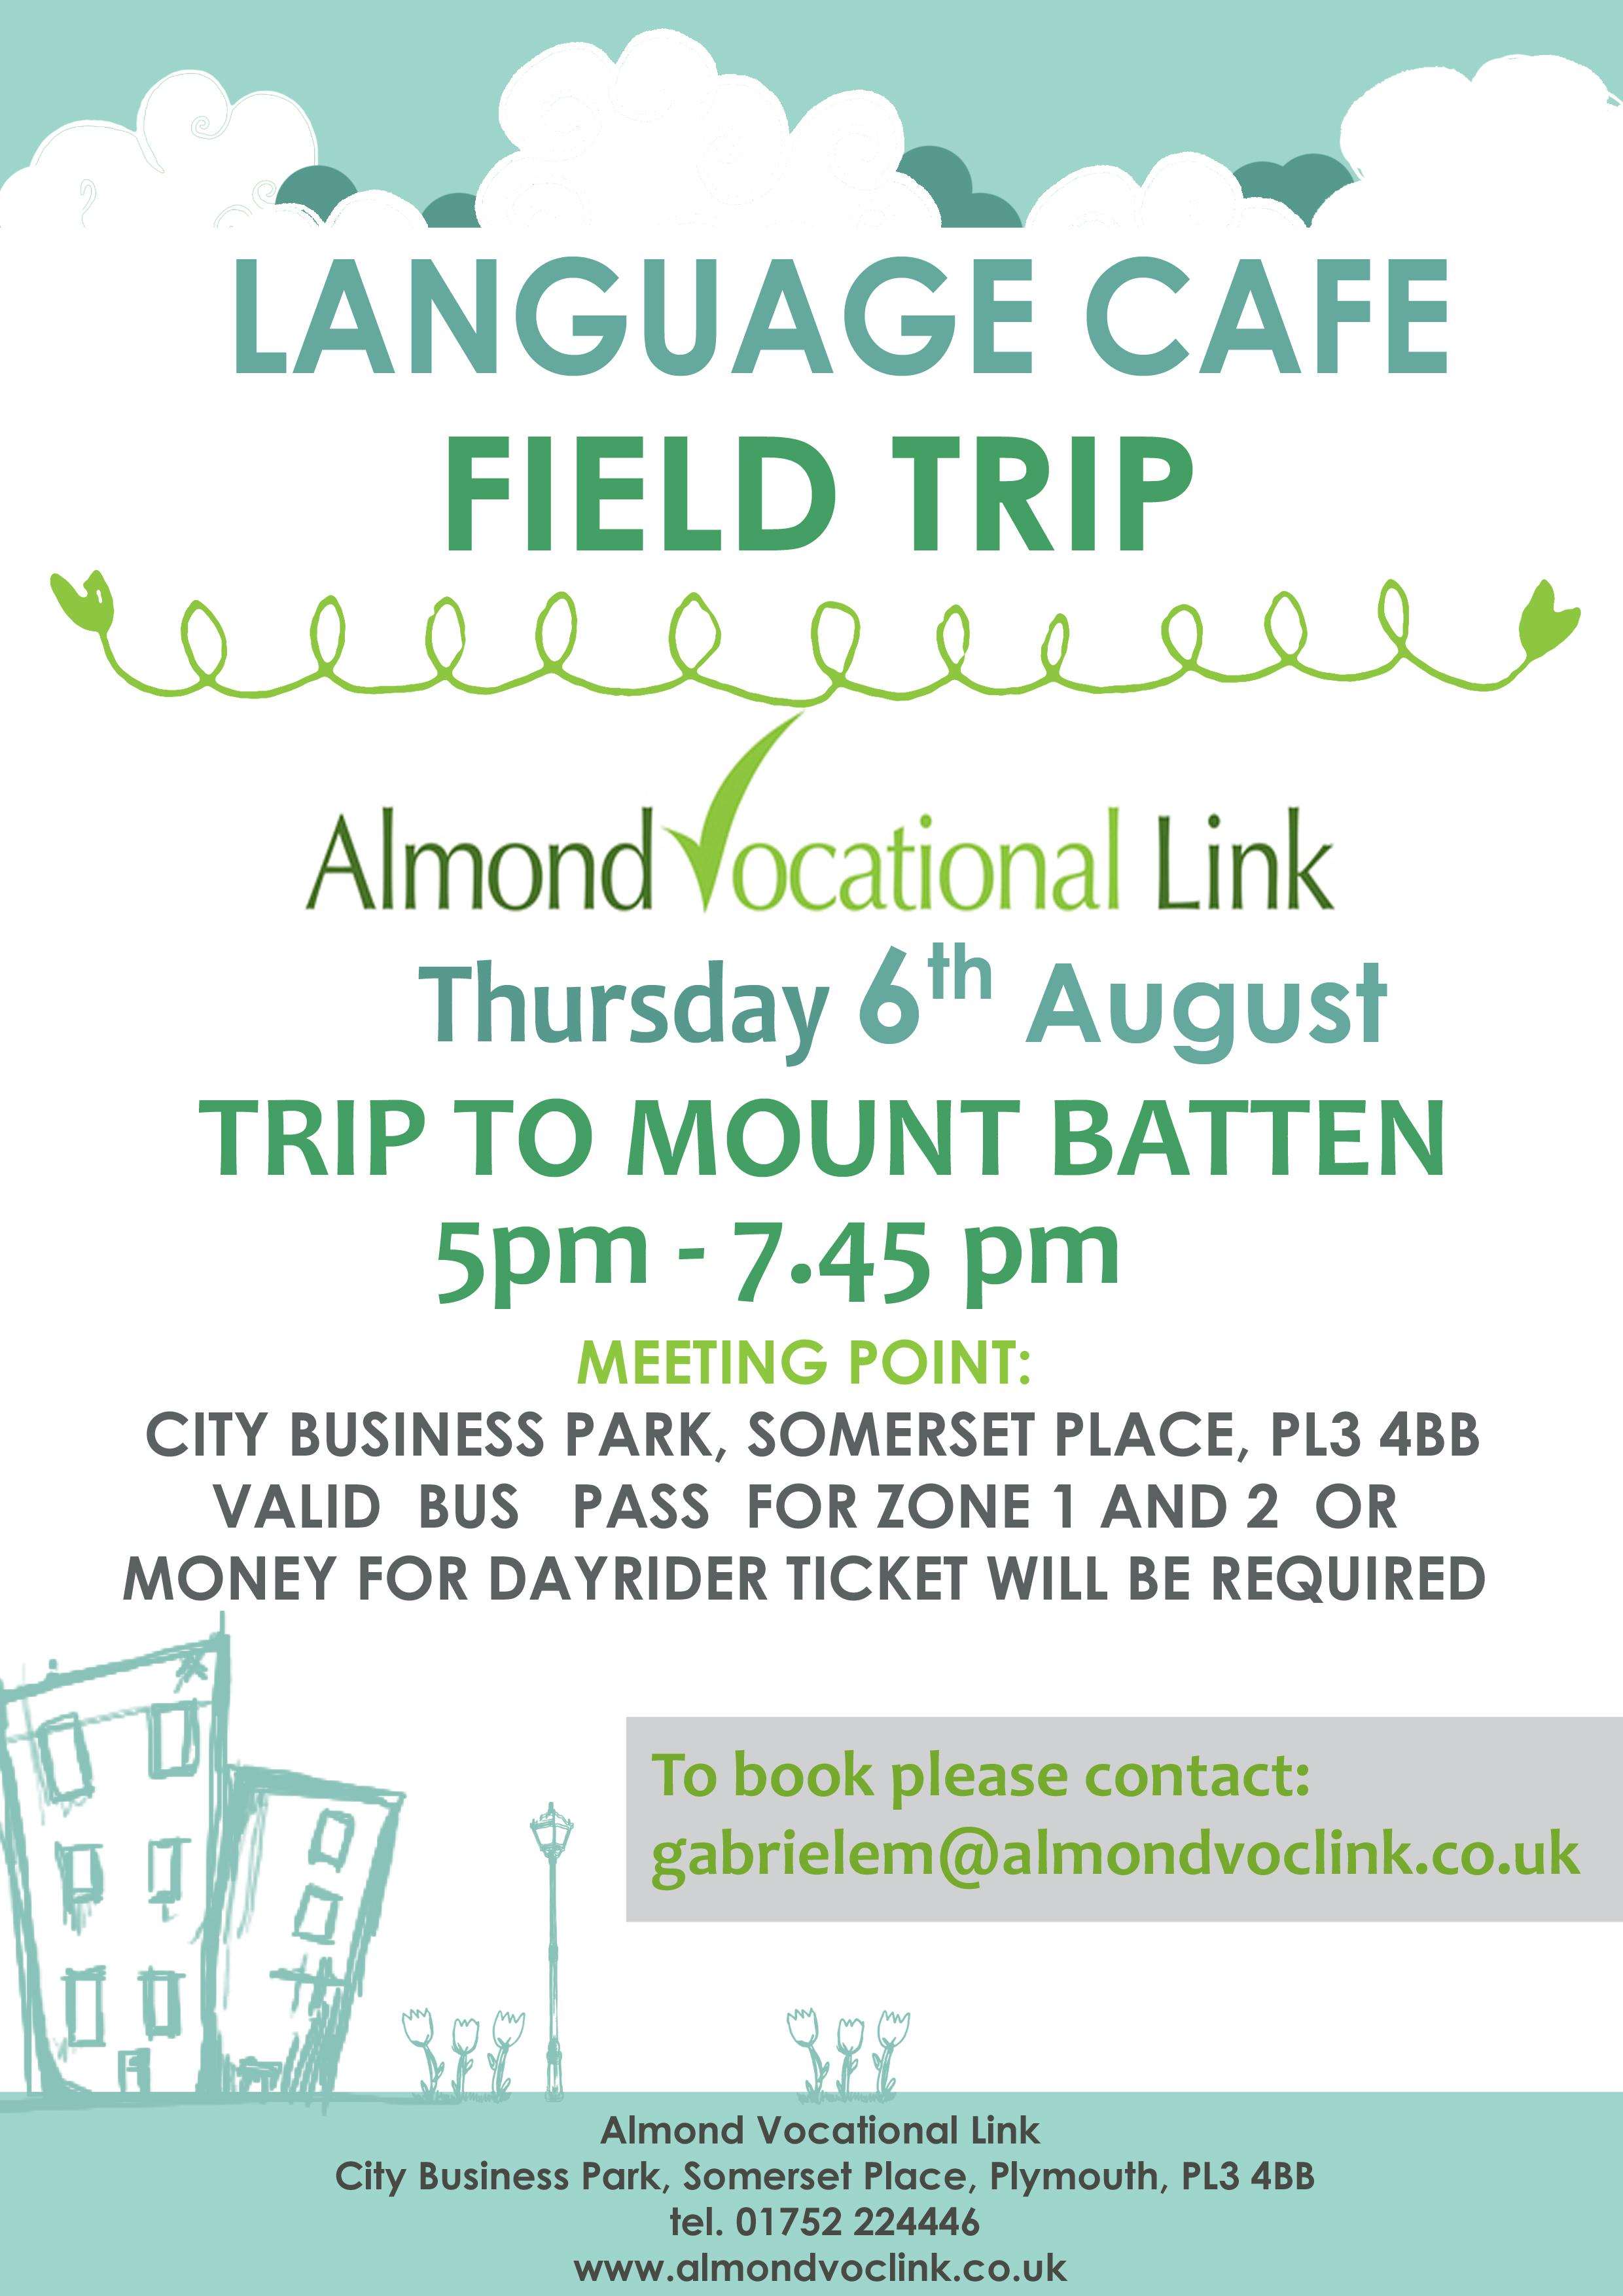 Field Trip to Mount Batten 6th August